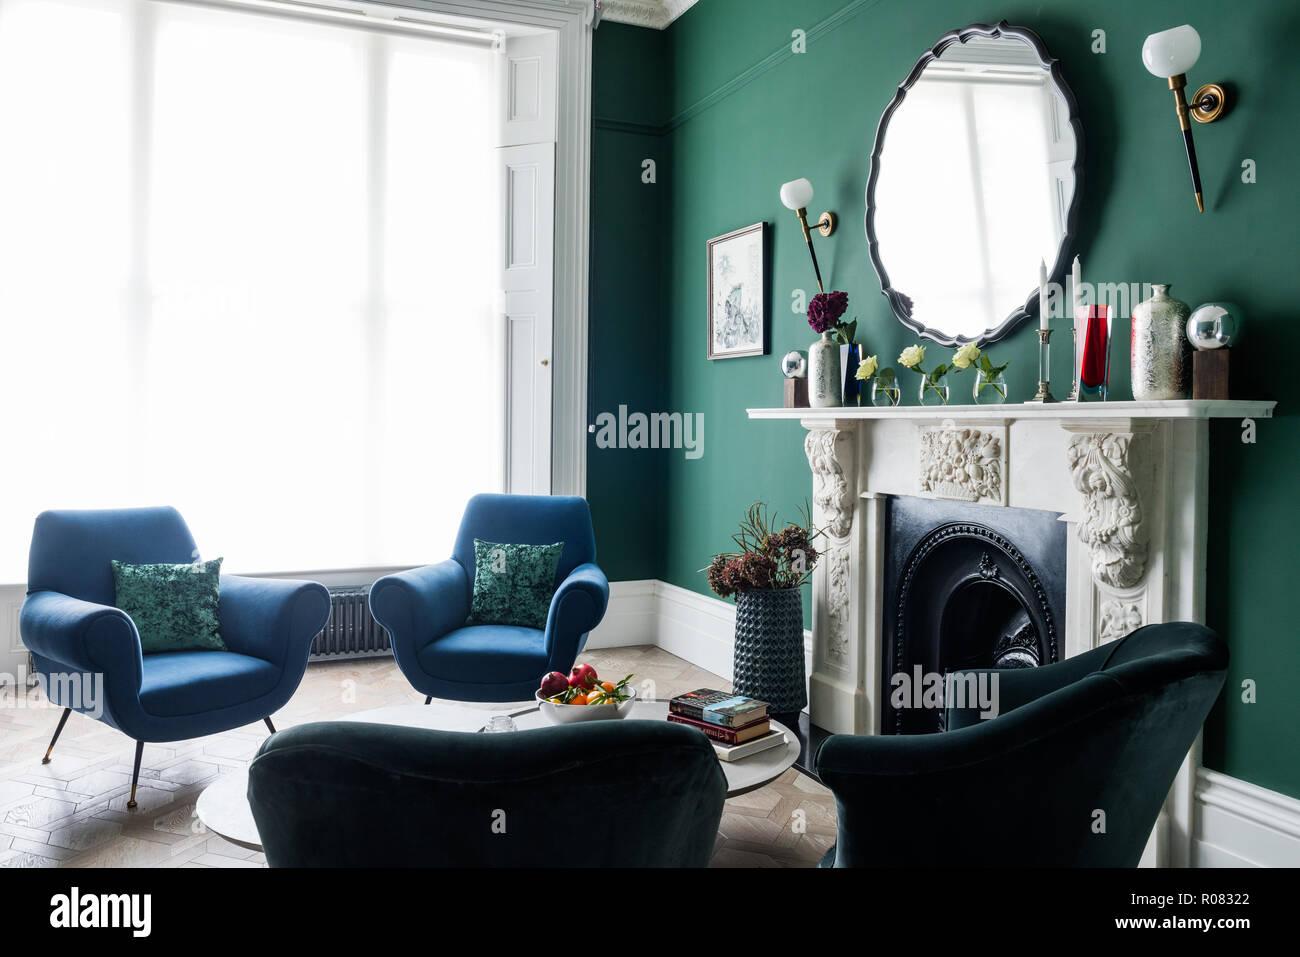 Grün Und Blau Getönten Wohnzimmer Stockfoto Bild 223912810 Alamy